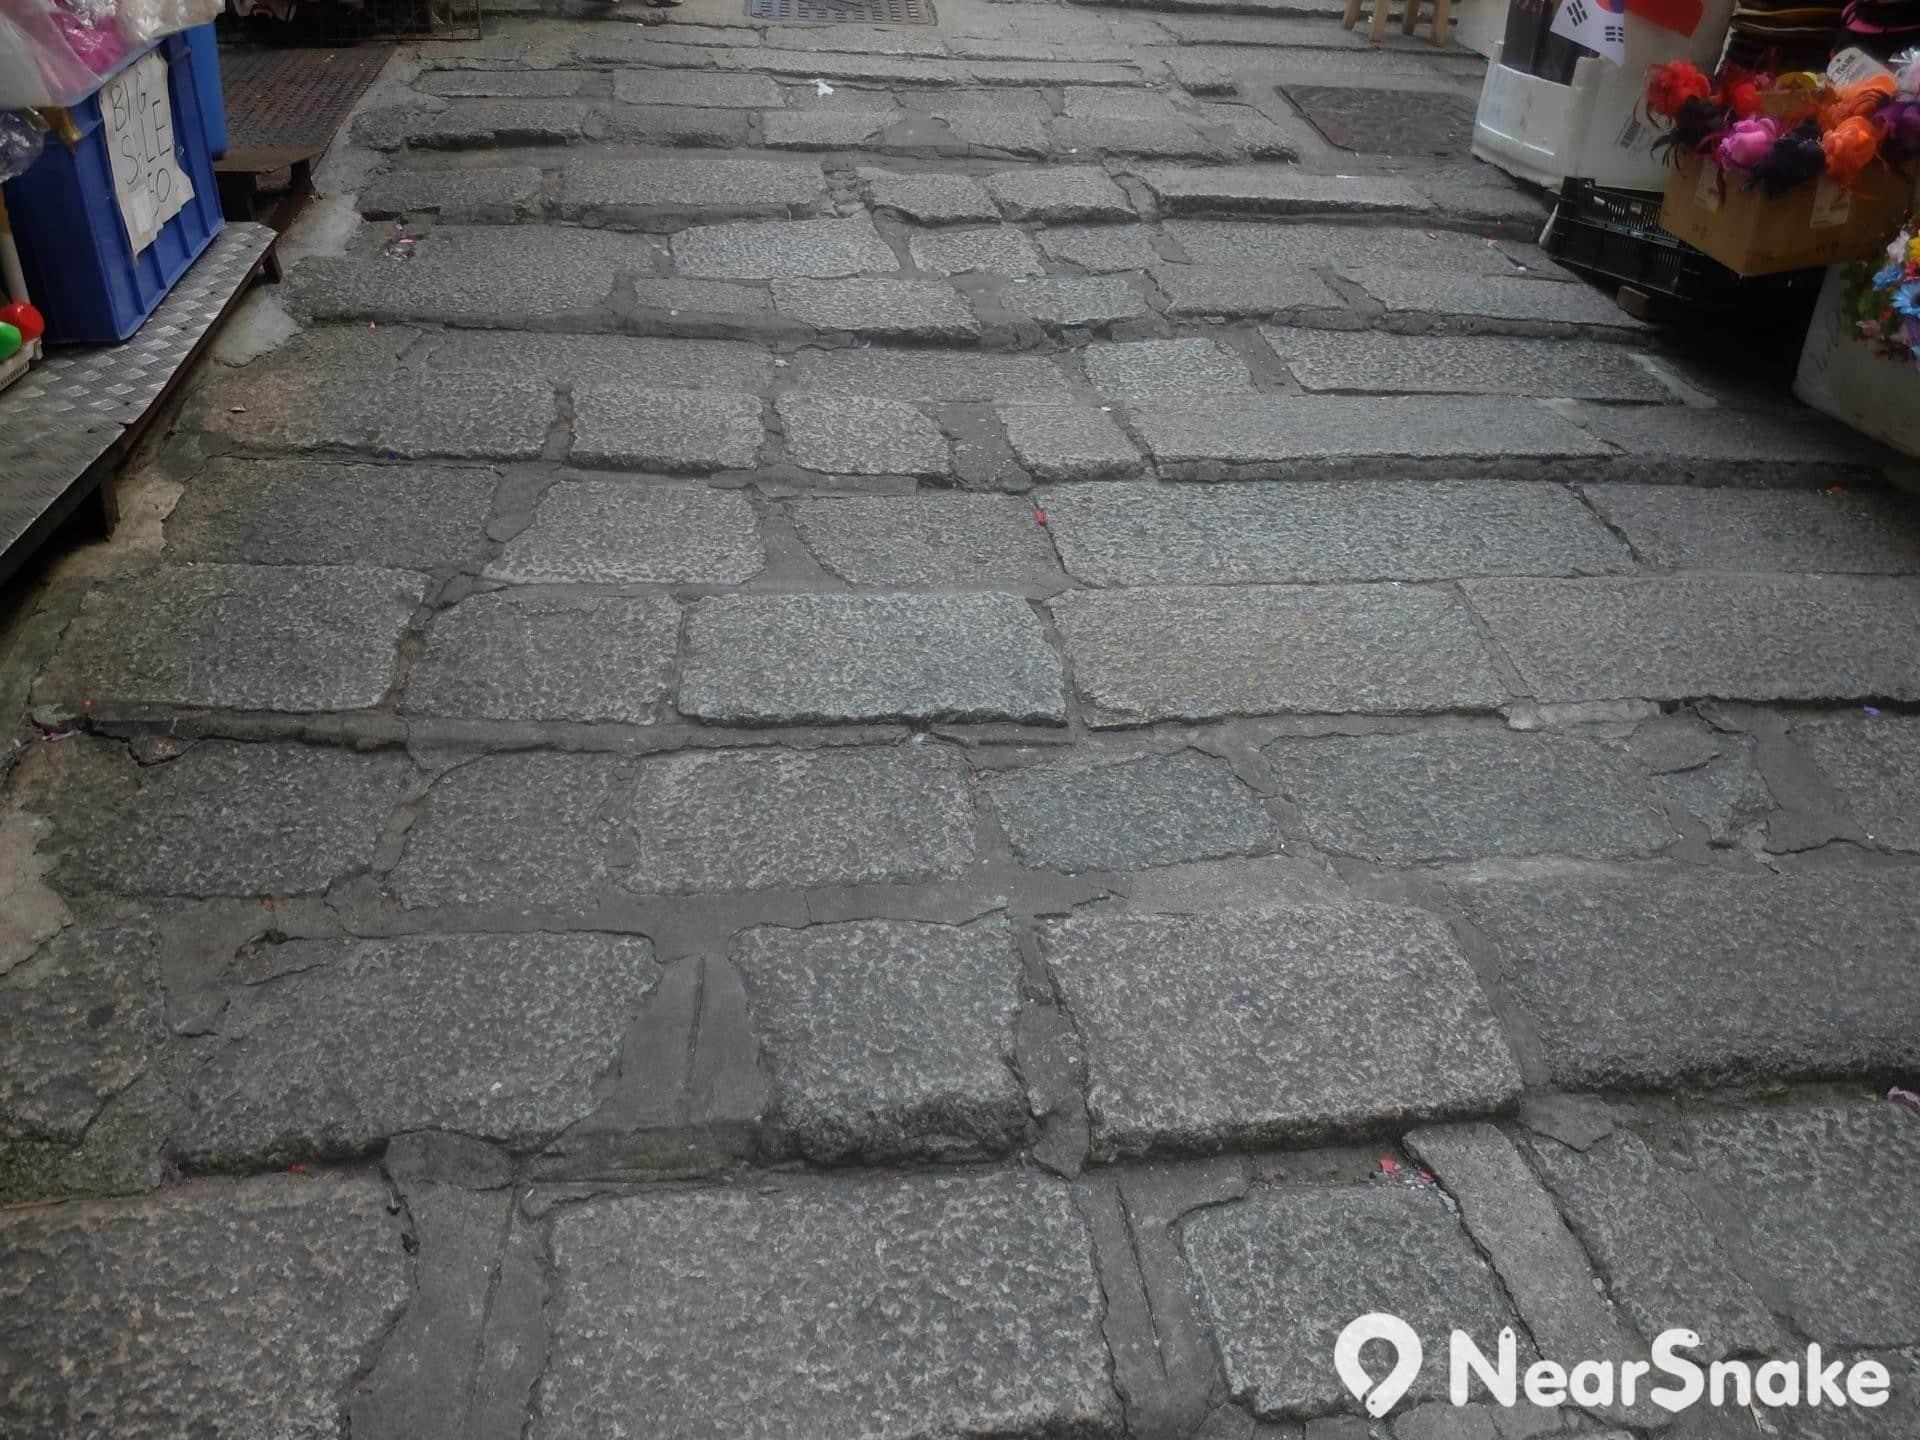 石板街看著地上的石板,請感激十九世紀中期的苦工。他們可是在交通不便情況下,一塊一塊搬上來的!